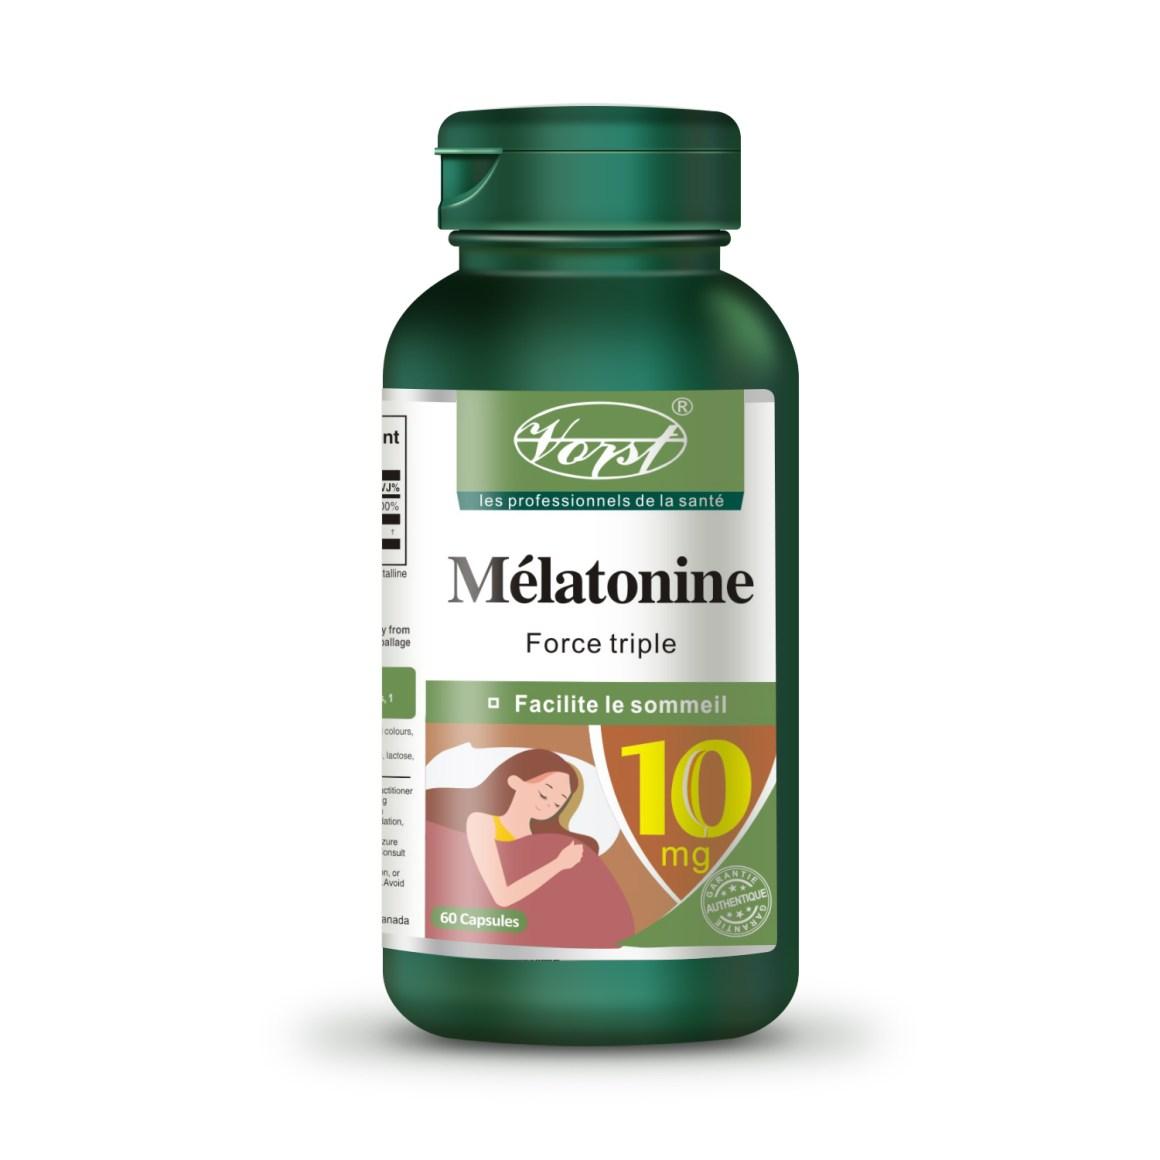 Melatonin 10mg vitamin b12 60 capsules front bottle french